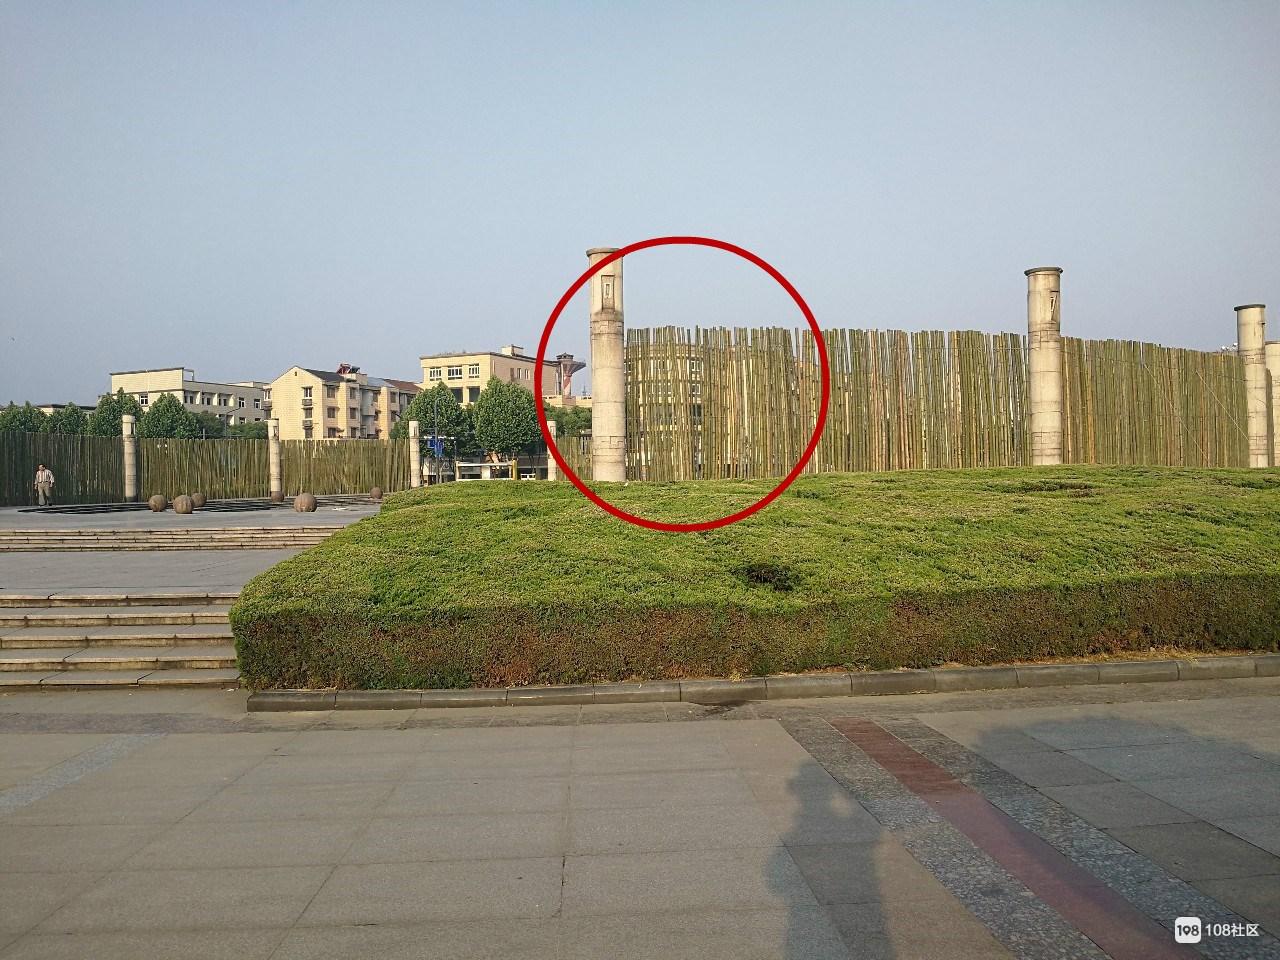 千秋广场搭起大阵仗!竹条包裹绕一圈,凑近一瞧原来…